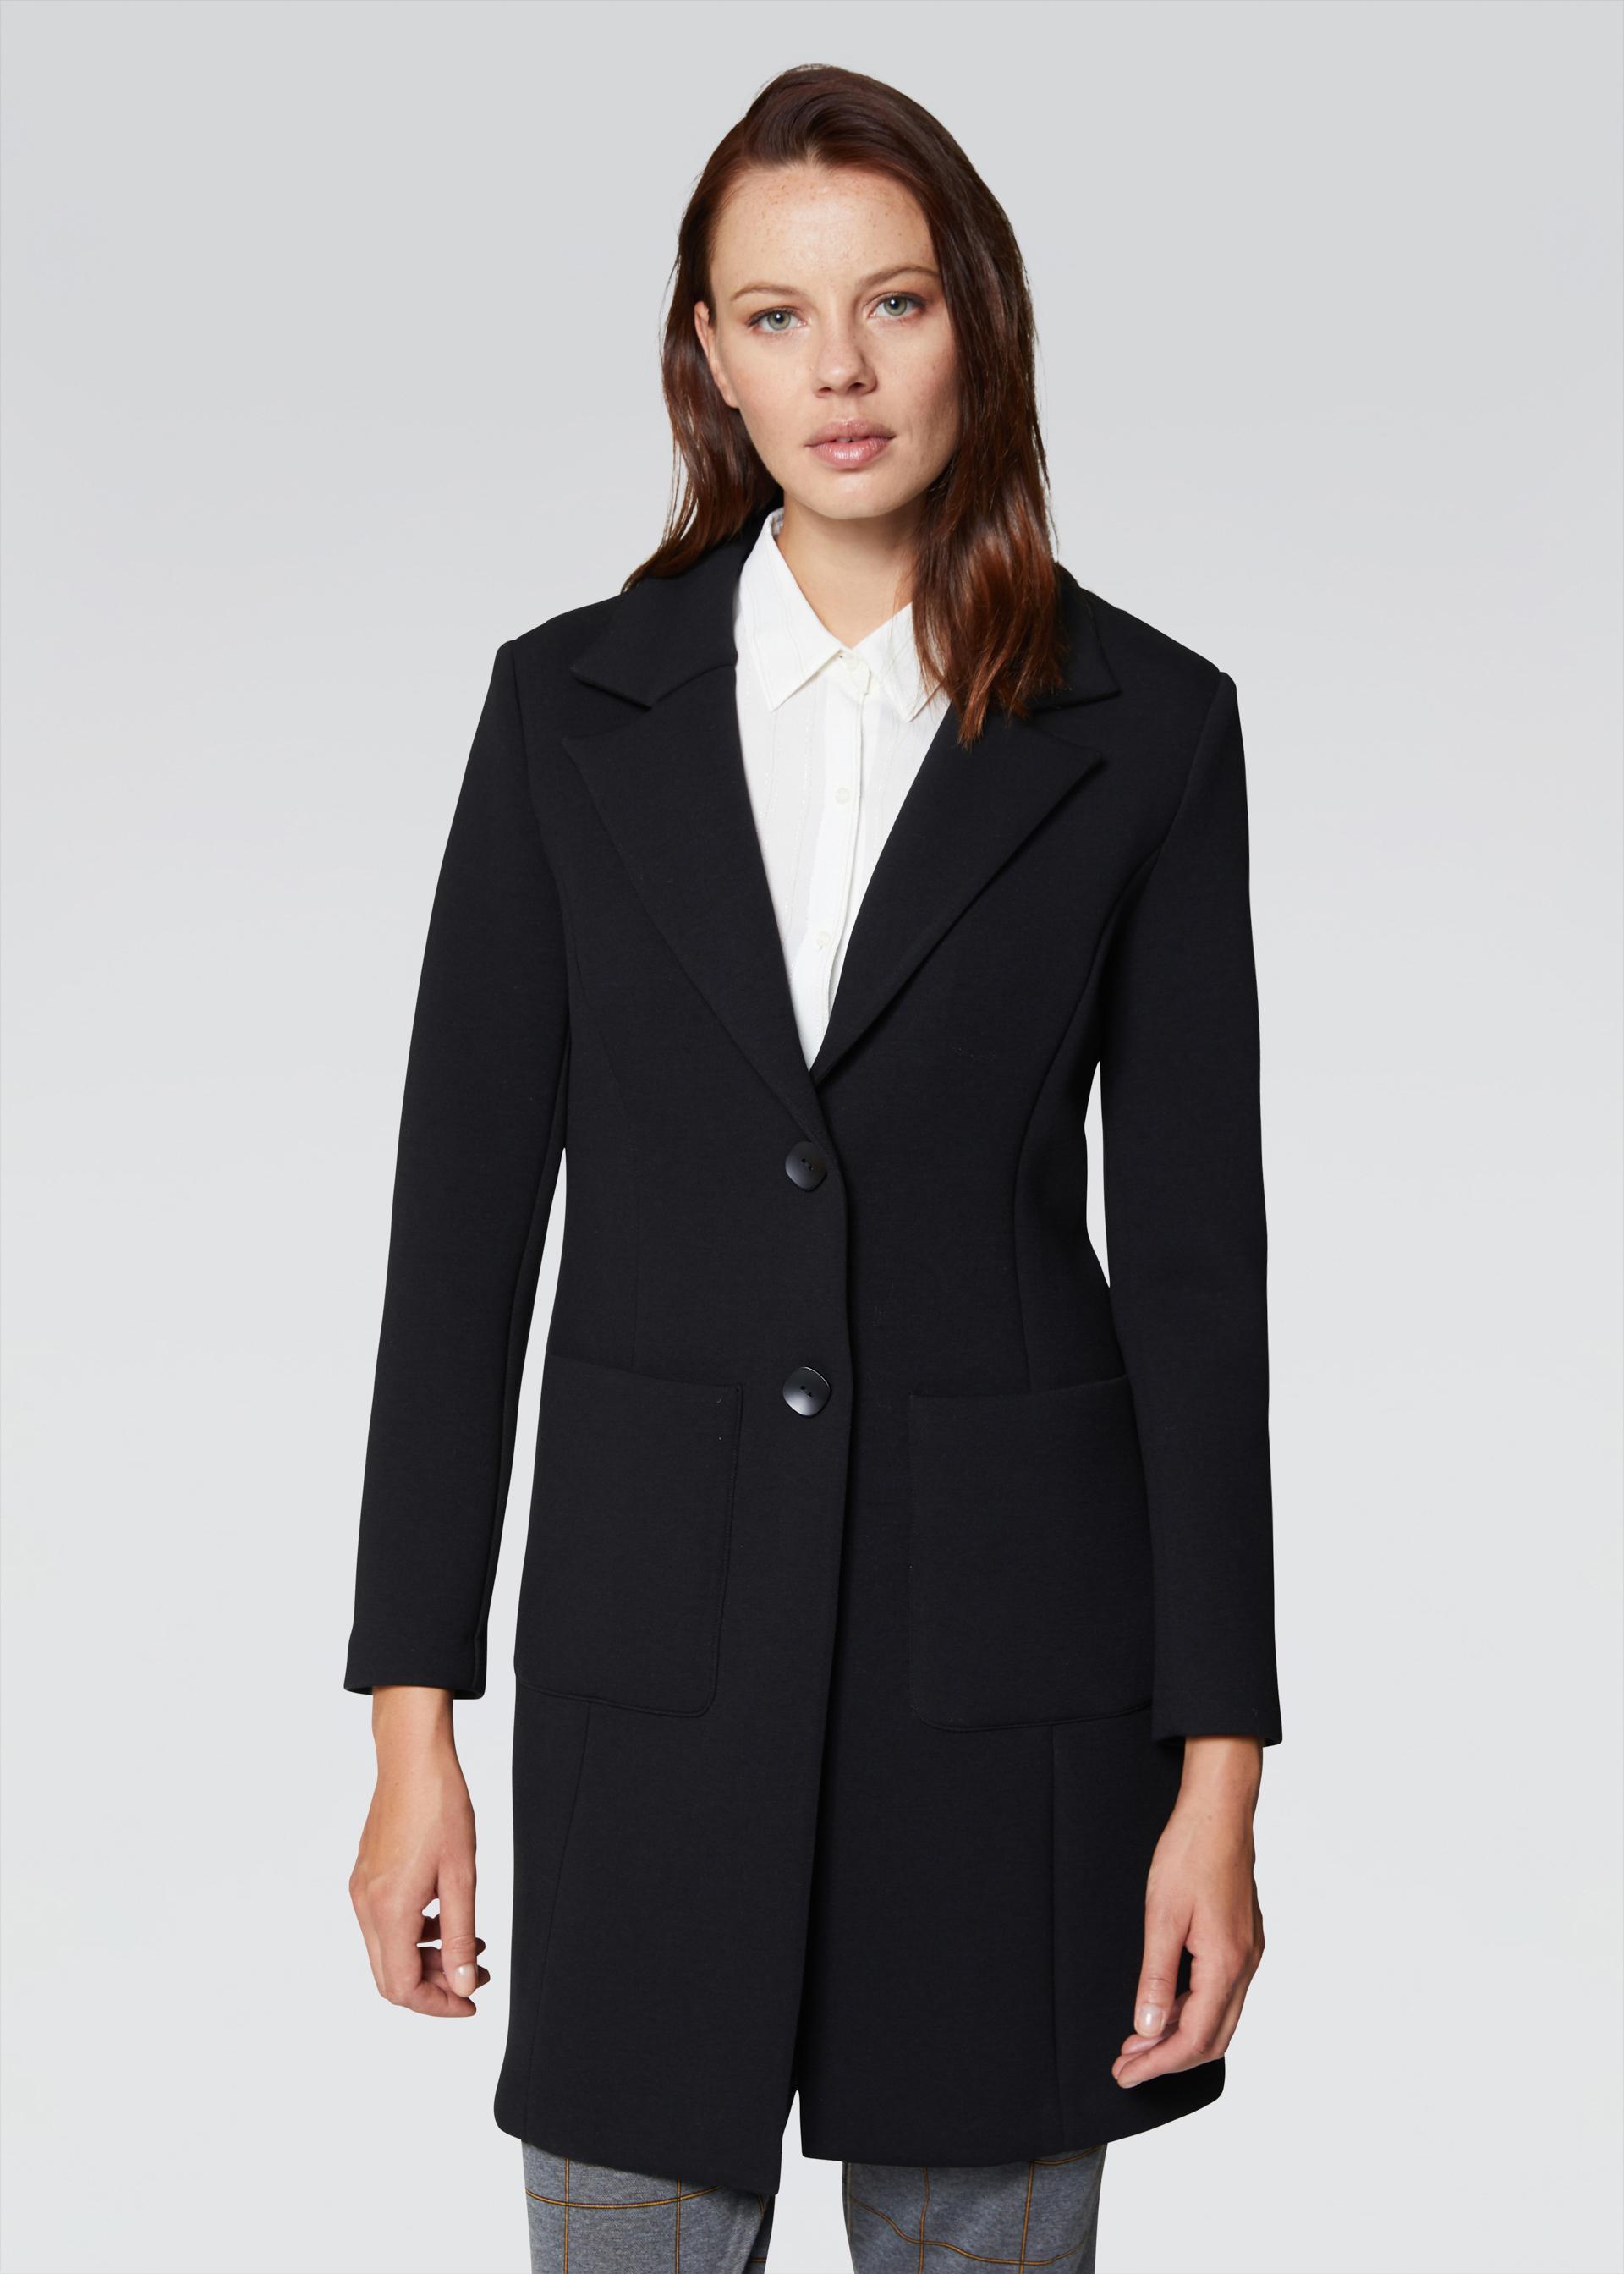 cappotti donna conpibel